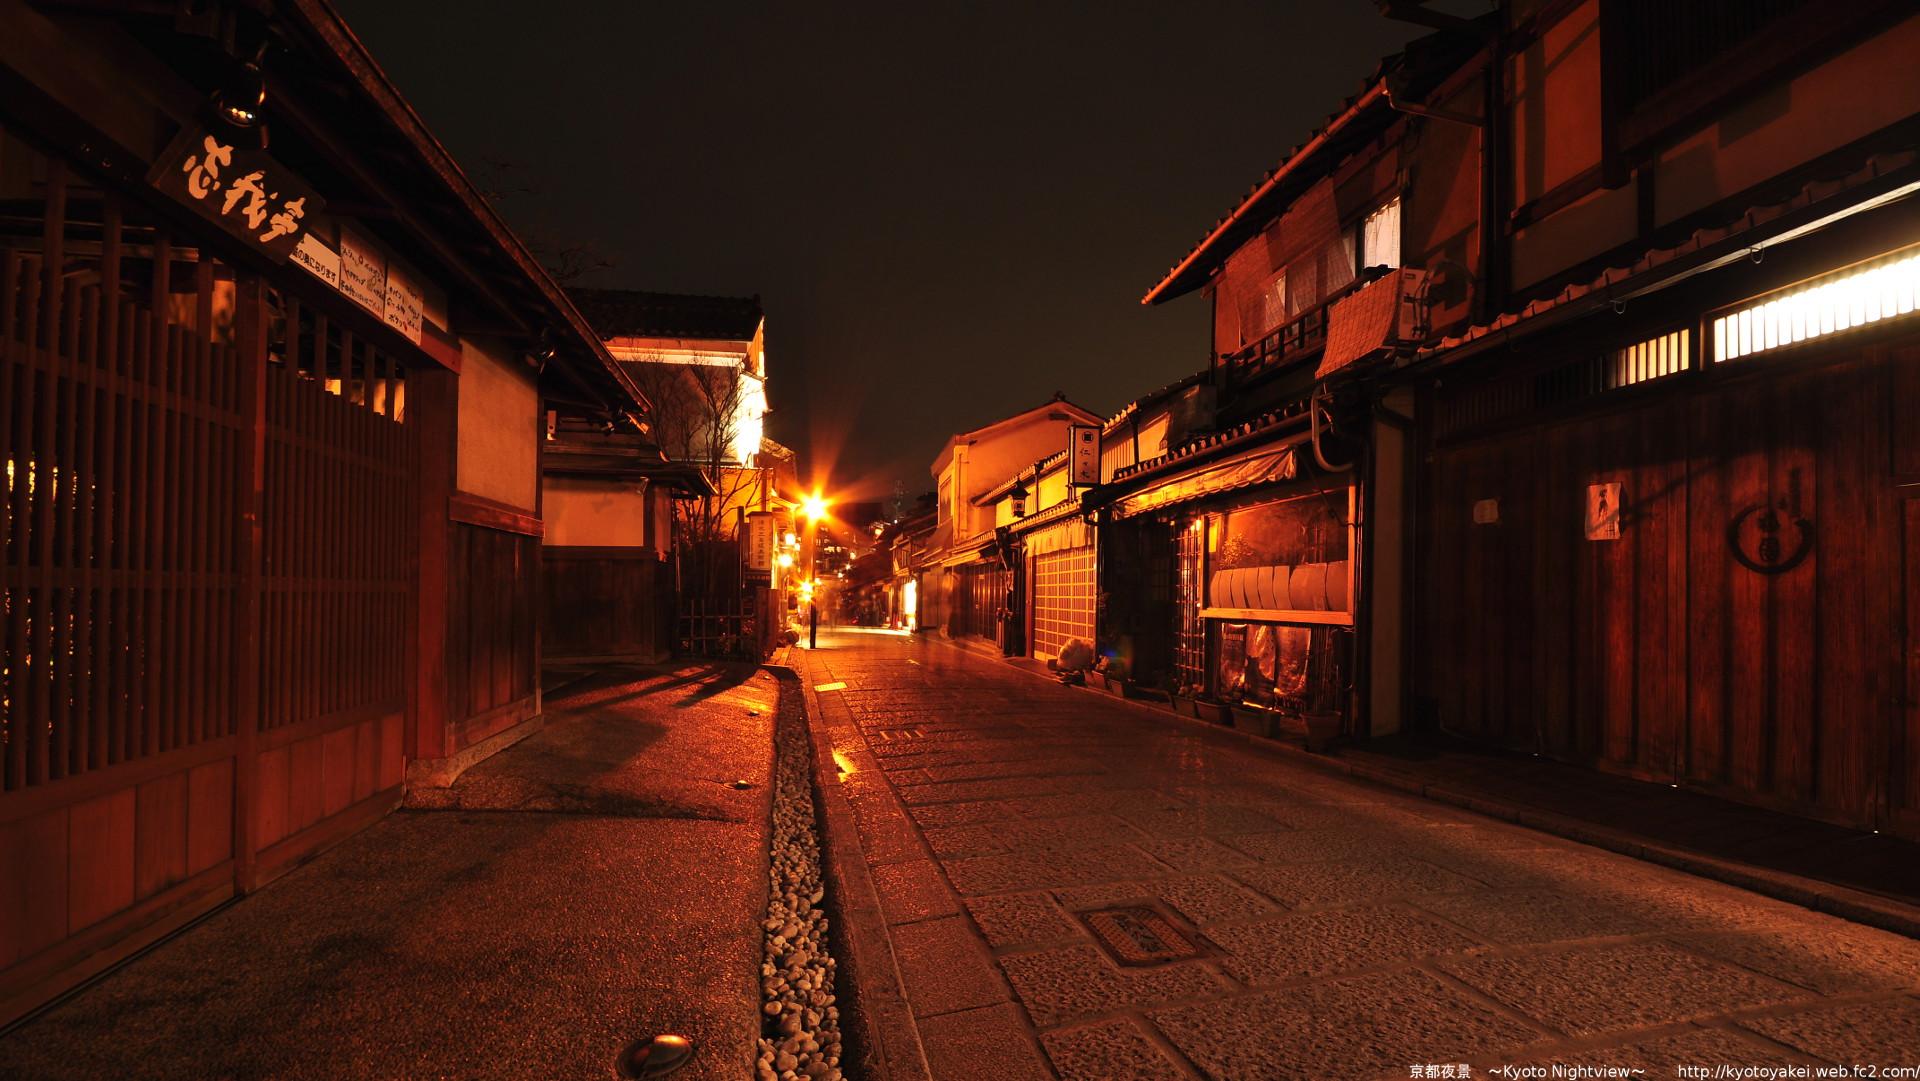 左京区 東山区の街並みの壁紙